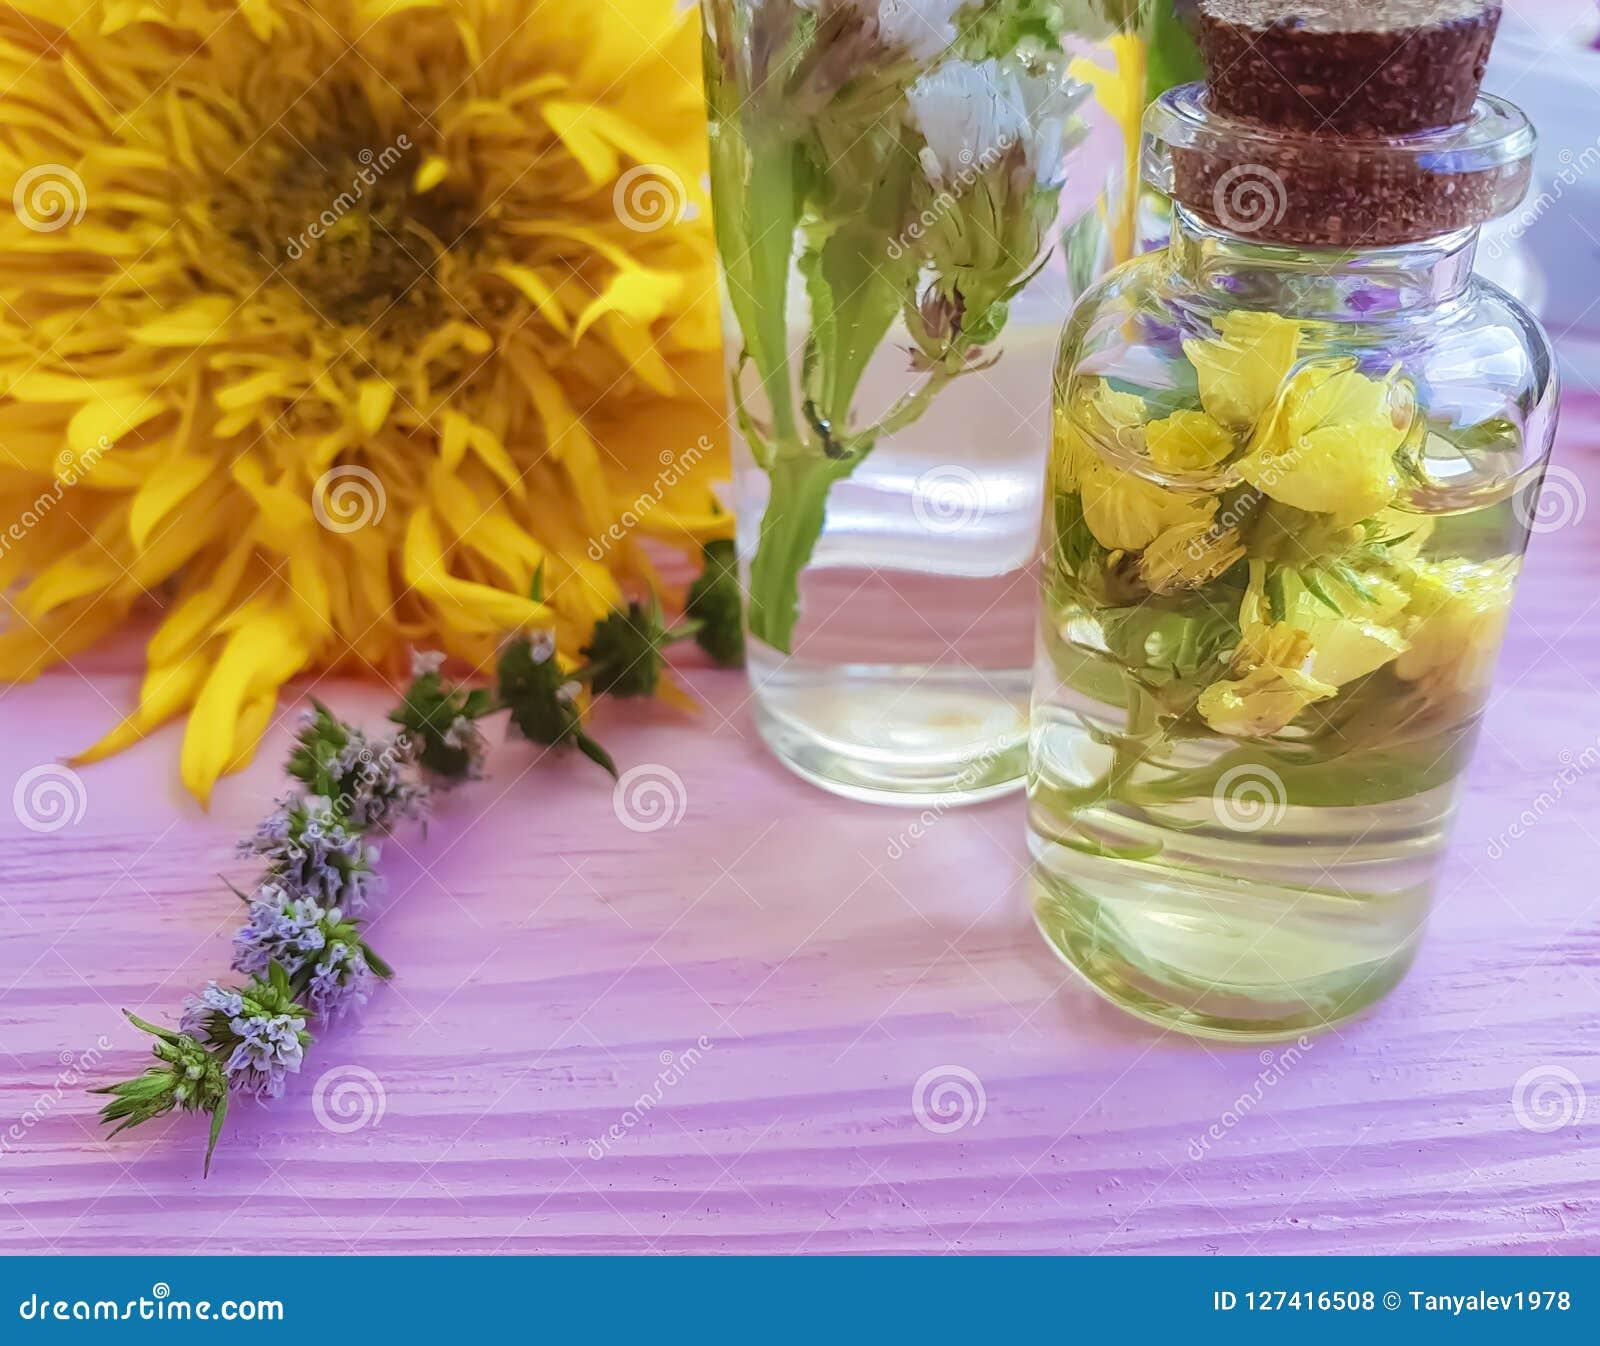 Esencja, kremowi kosmetyczni rocznik opieki zdrowie aromatyczni relaksuje alternatywnego wellness naturalnych kwiaty na drewniany